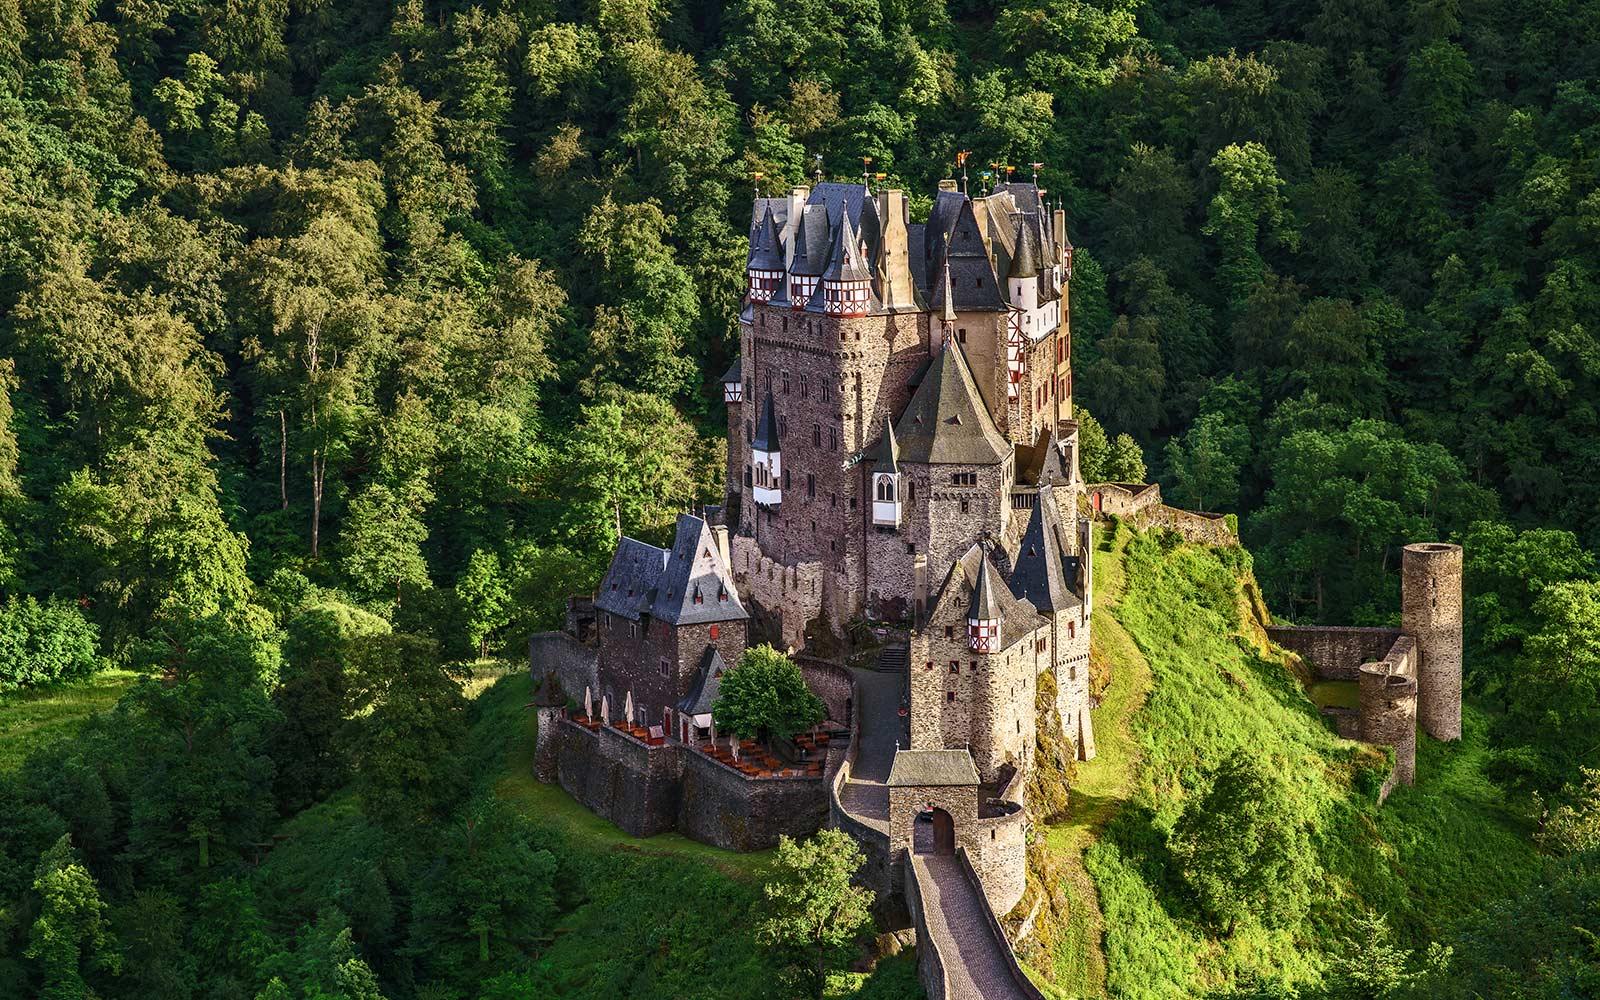 Lâu đài Eltz là một cấu trúc nổi bật mọc lên từ những ngọn đồi phía trên sông Moselle giữa Koblenz và Trier, Đức.